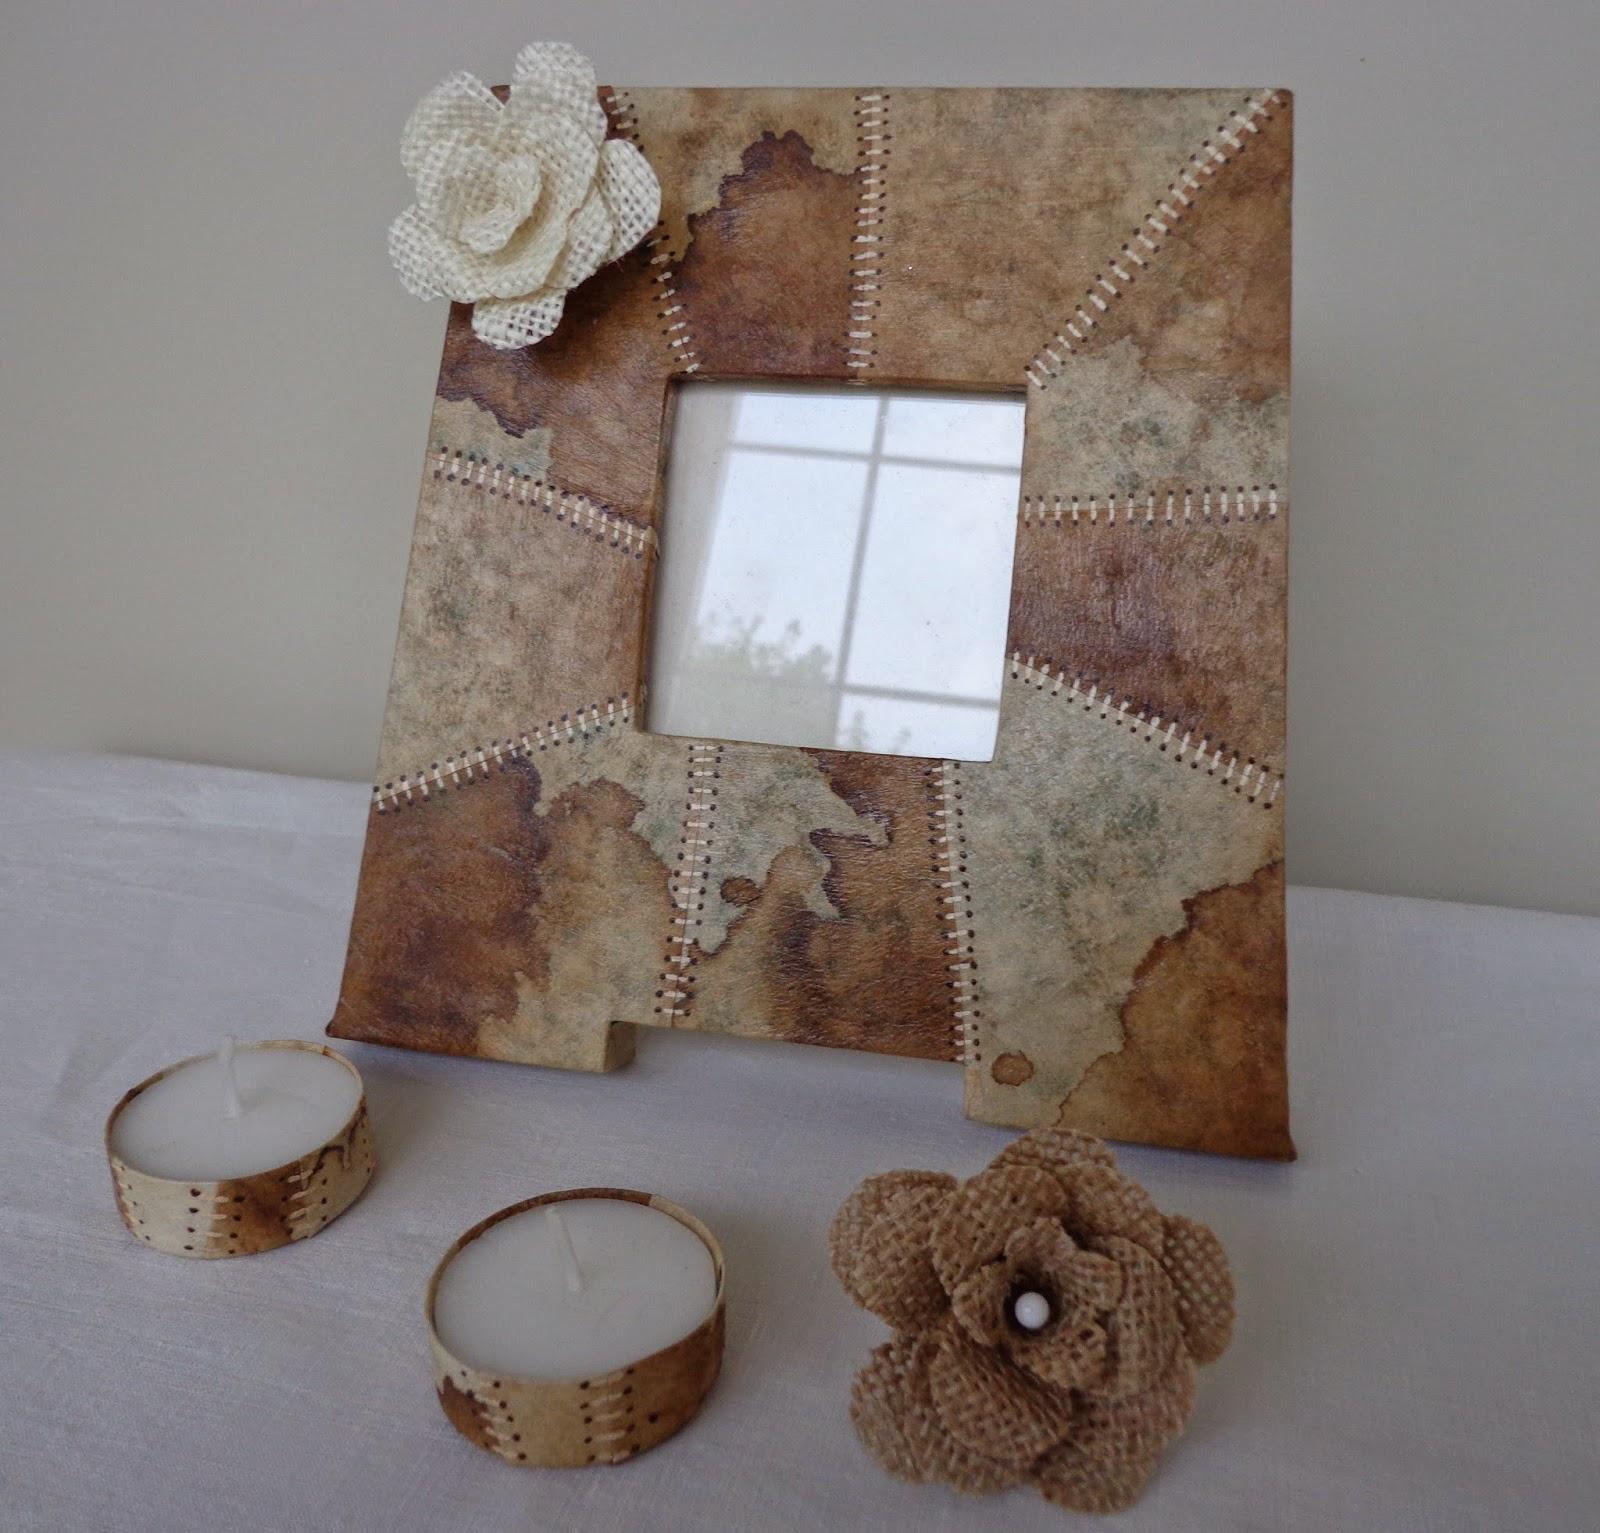 Portafotos con filtros de café y Tutorial flor de arpillera | Entre ...